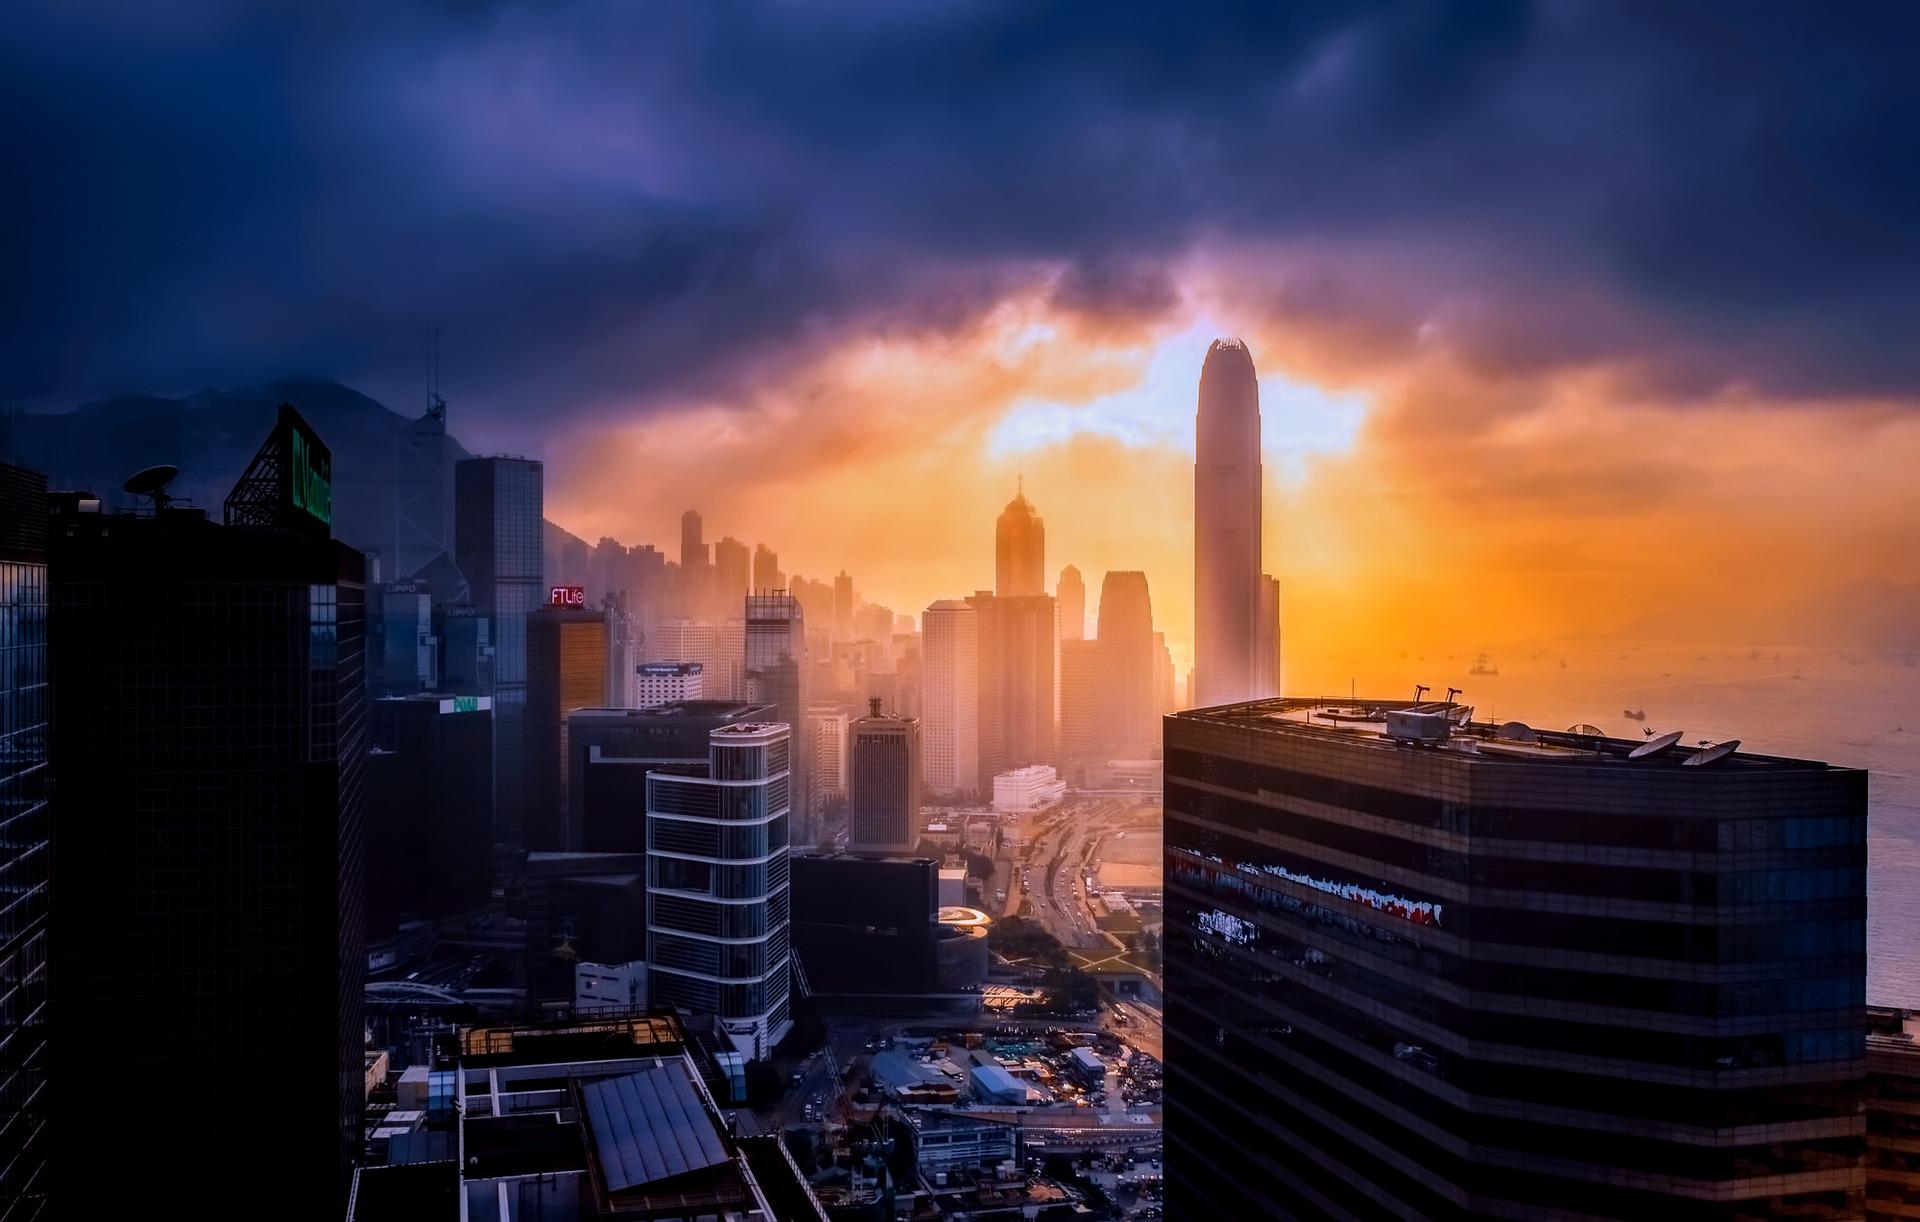 Ảnh thành phố Hồng Kông xinh đẹp và hiện đại